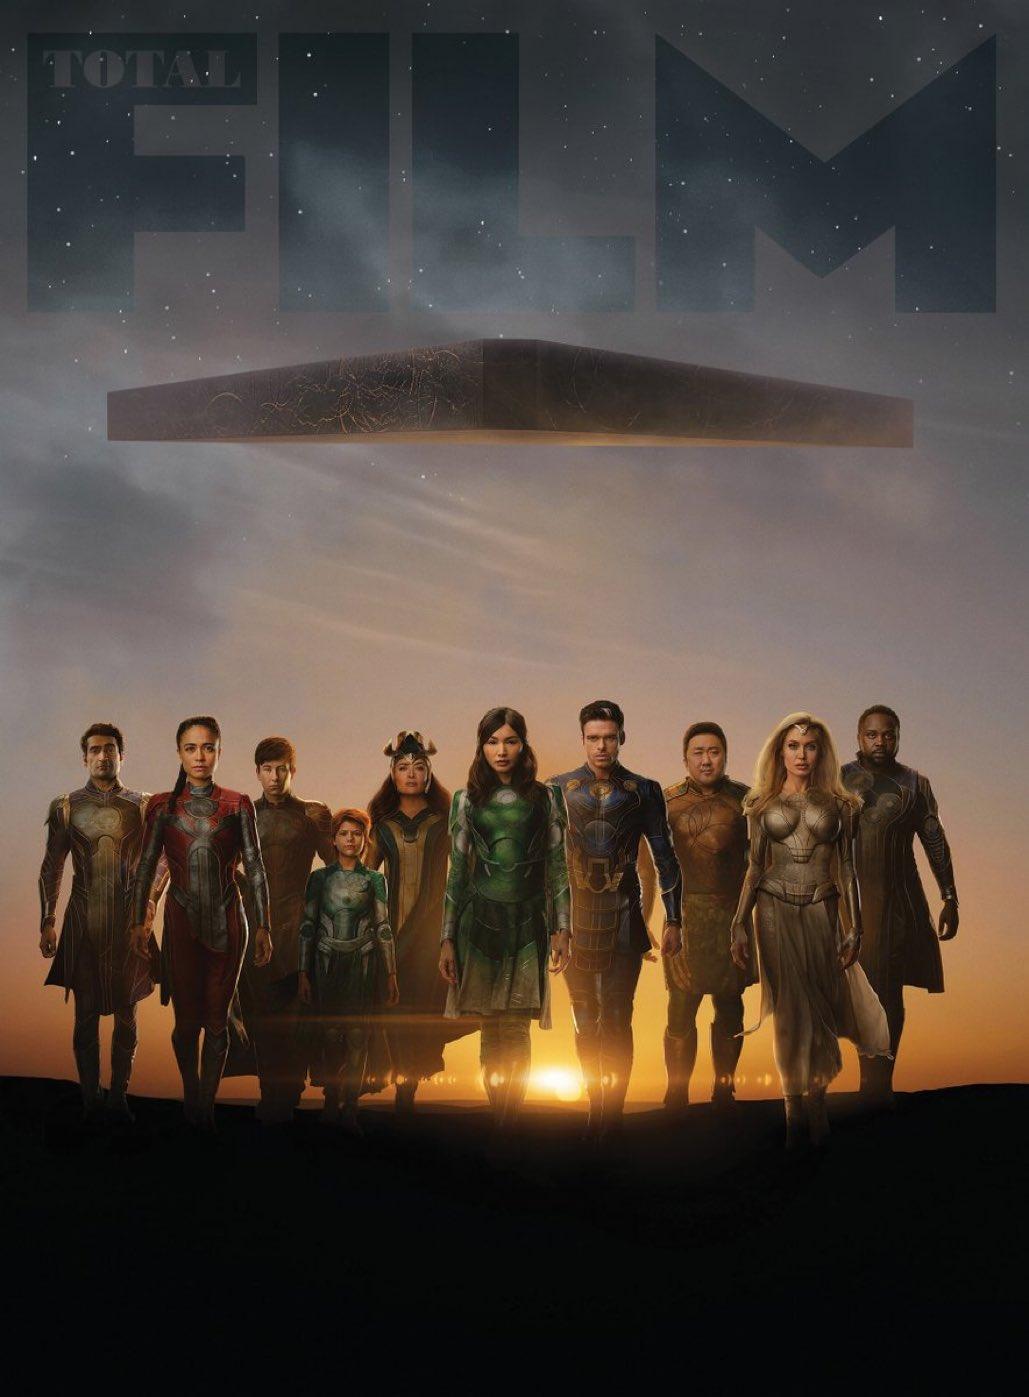 Marvel'ın yeni filmi Eternals'tan yeni görseller paylaşıldı